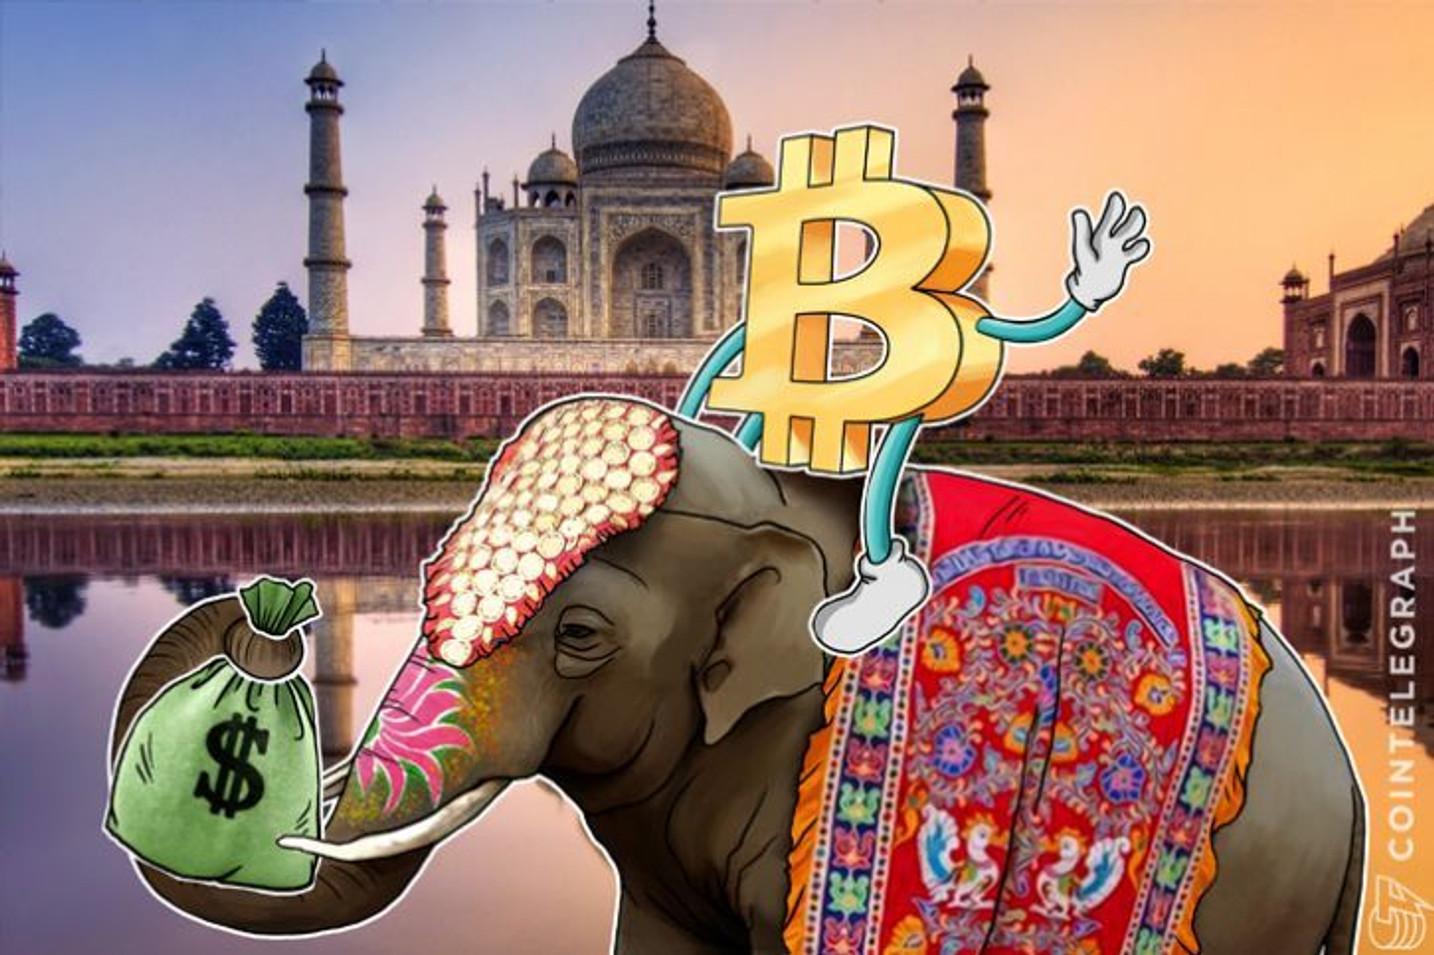 La India se mantiene tranquila con las ICOs hasta ahora, se centra en el uso indebido de las criptomonedas